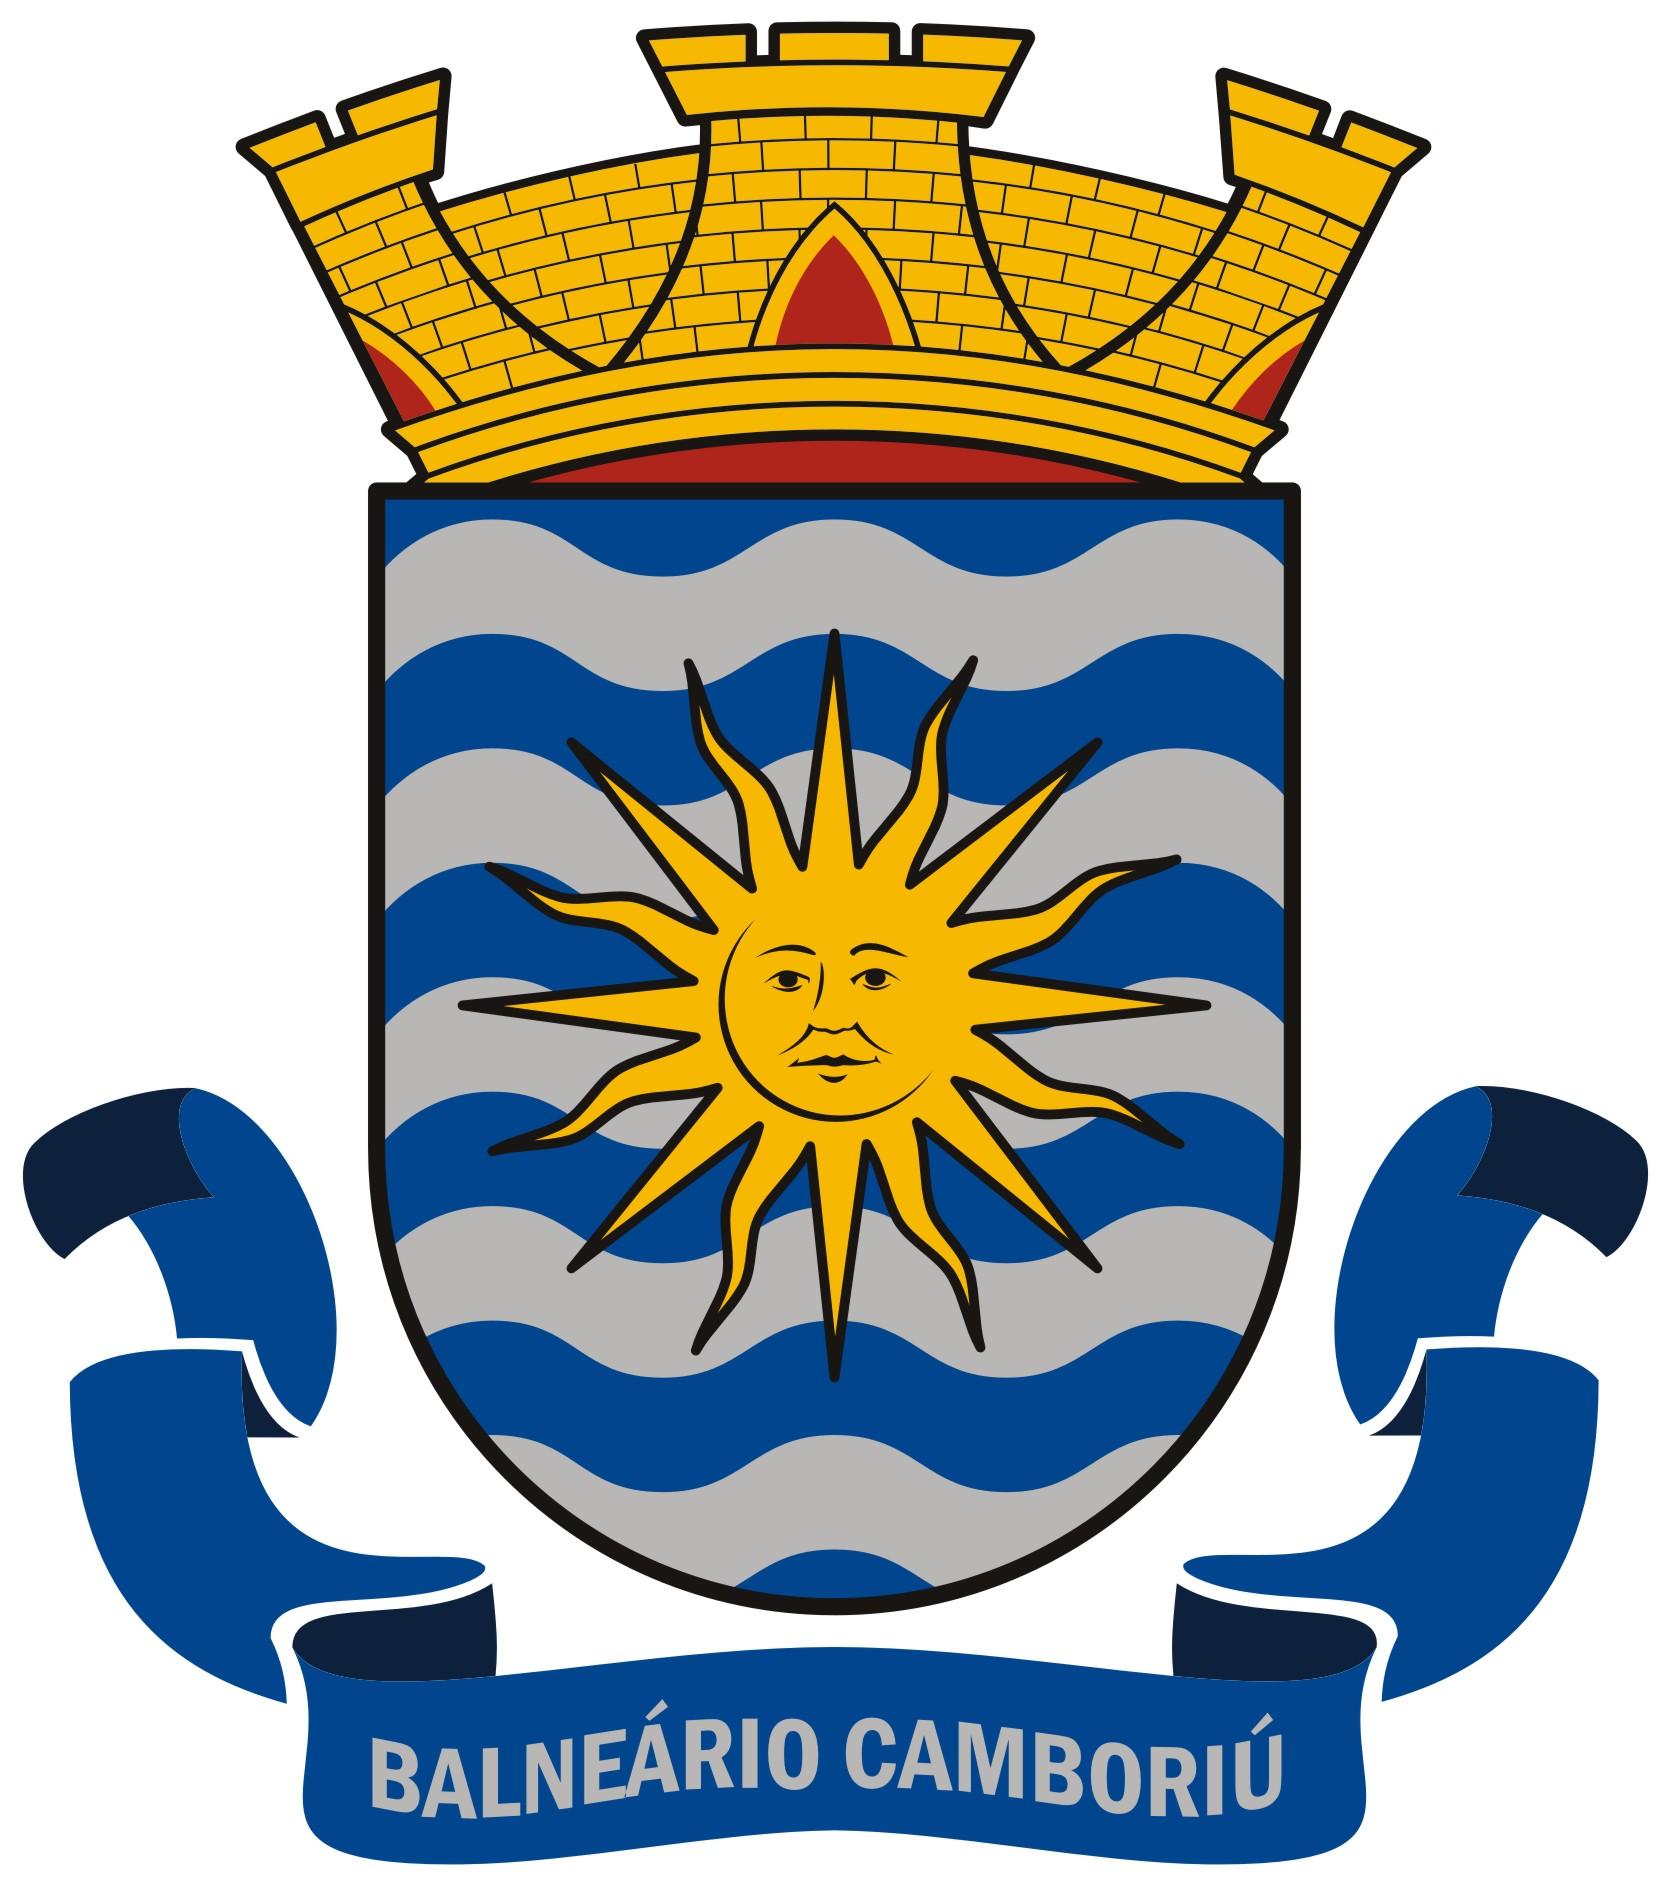 Município de Balneário Camboriú